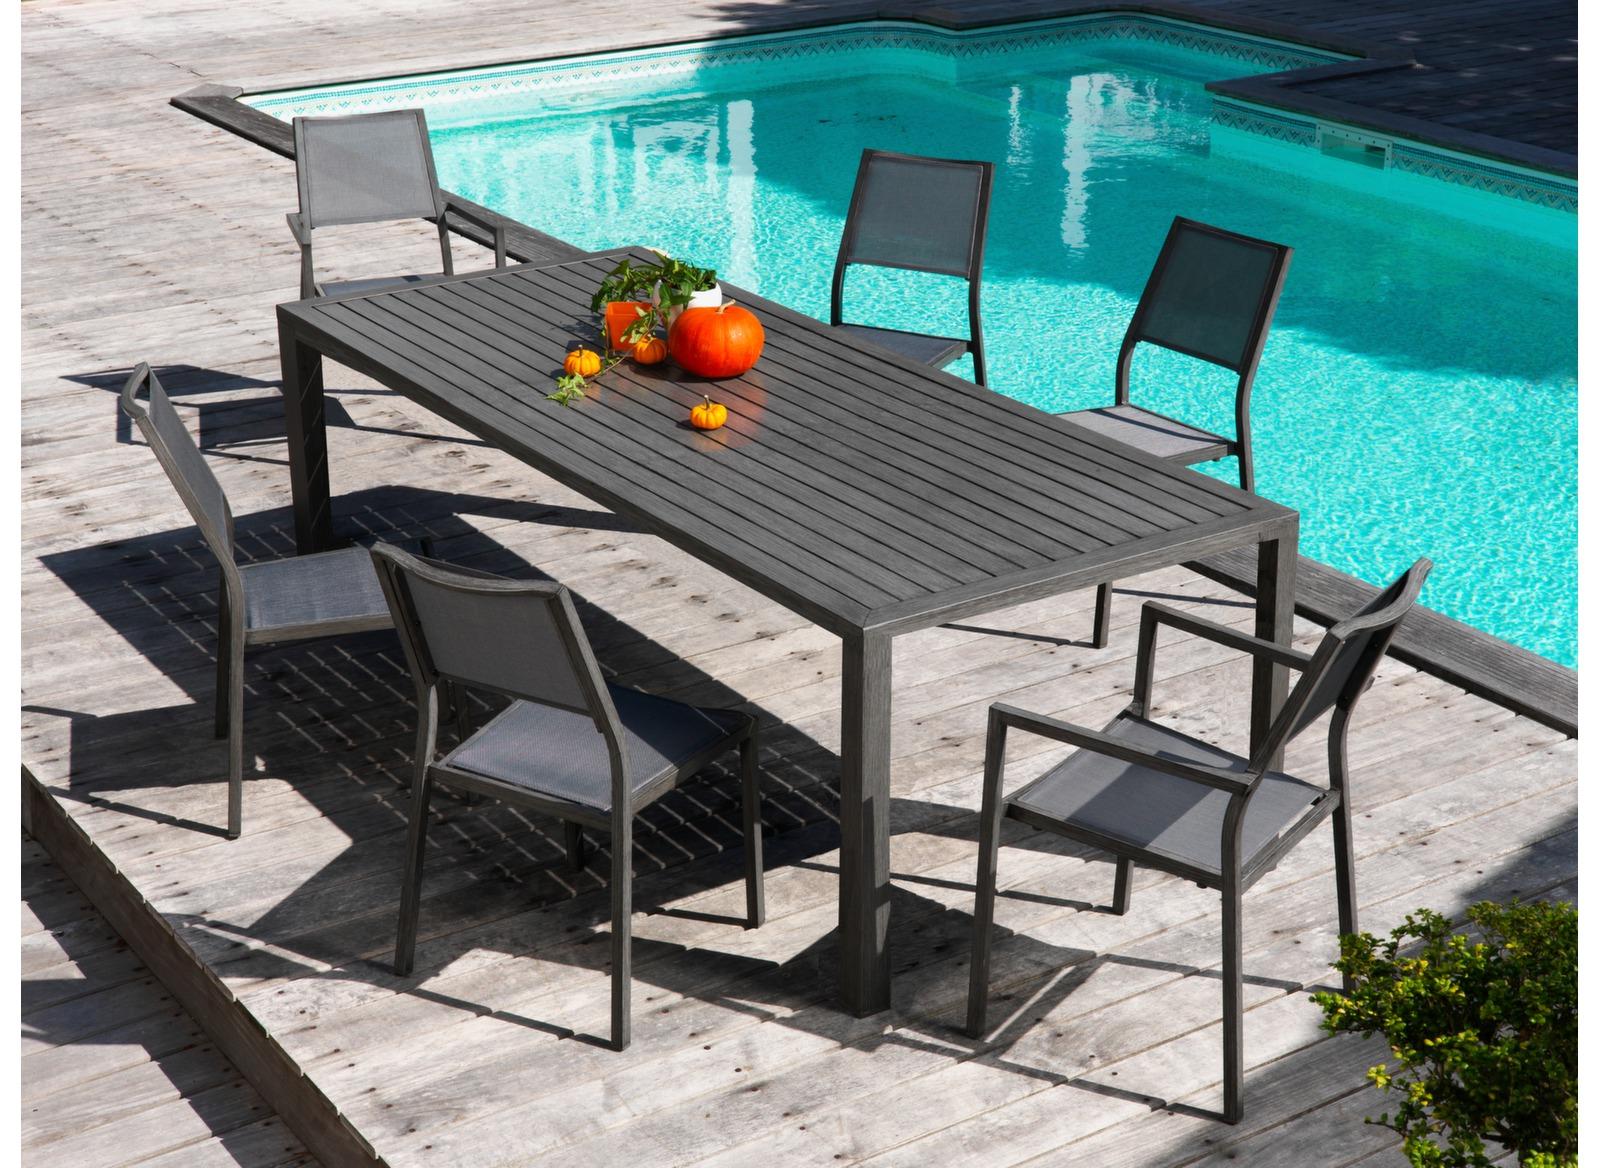 Table milano 220 x 100 cm finition brush mobilier de - Mobilier jardin witry les reims villeurbanne ...